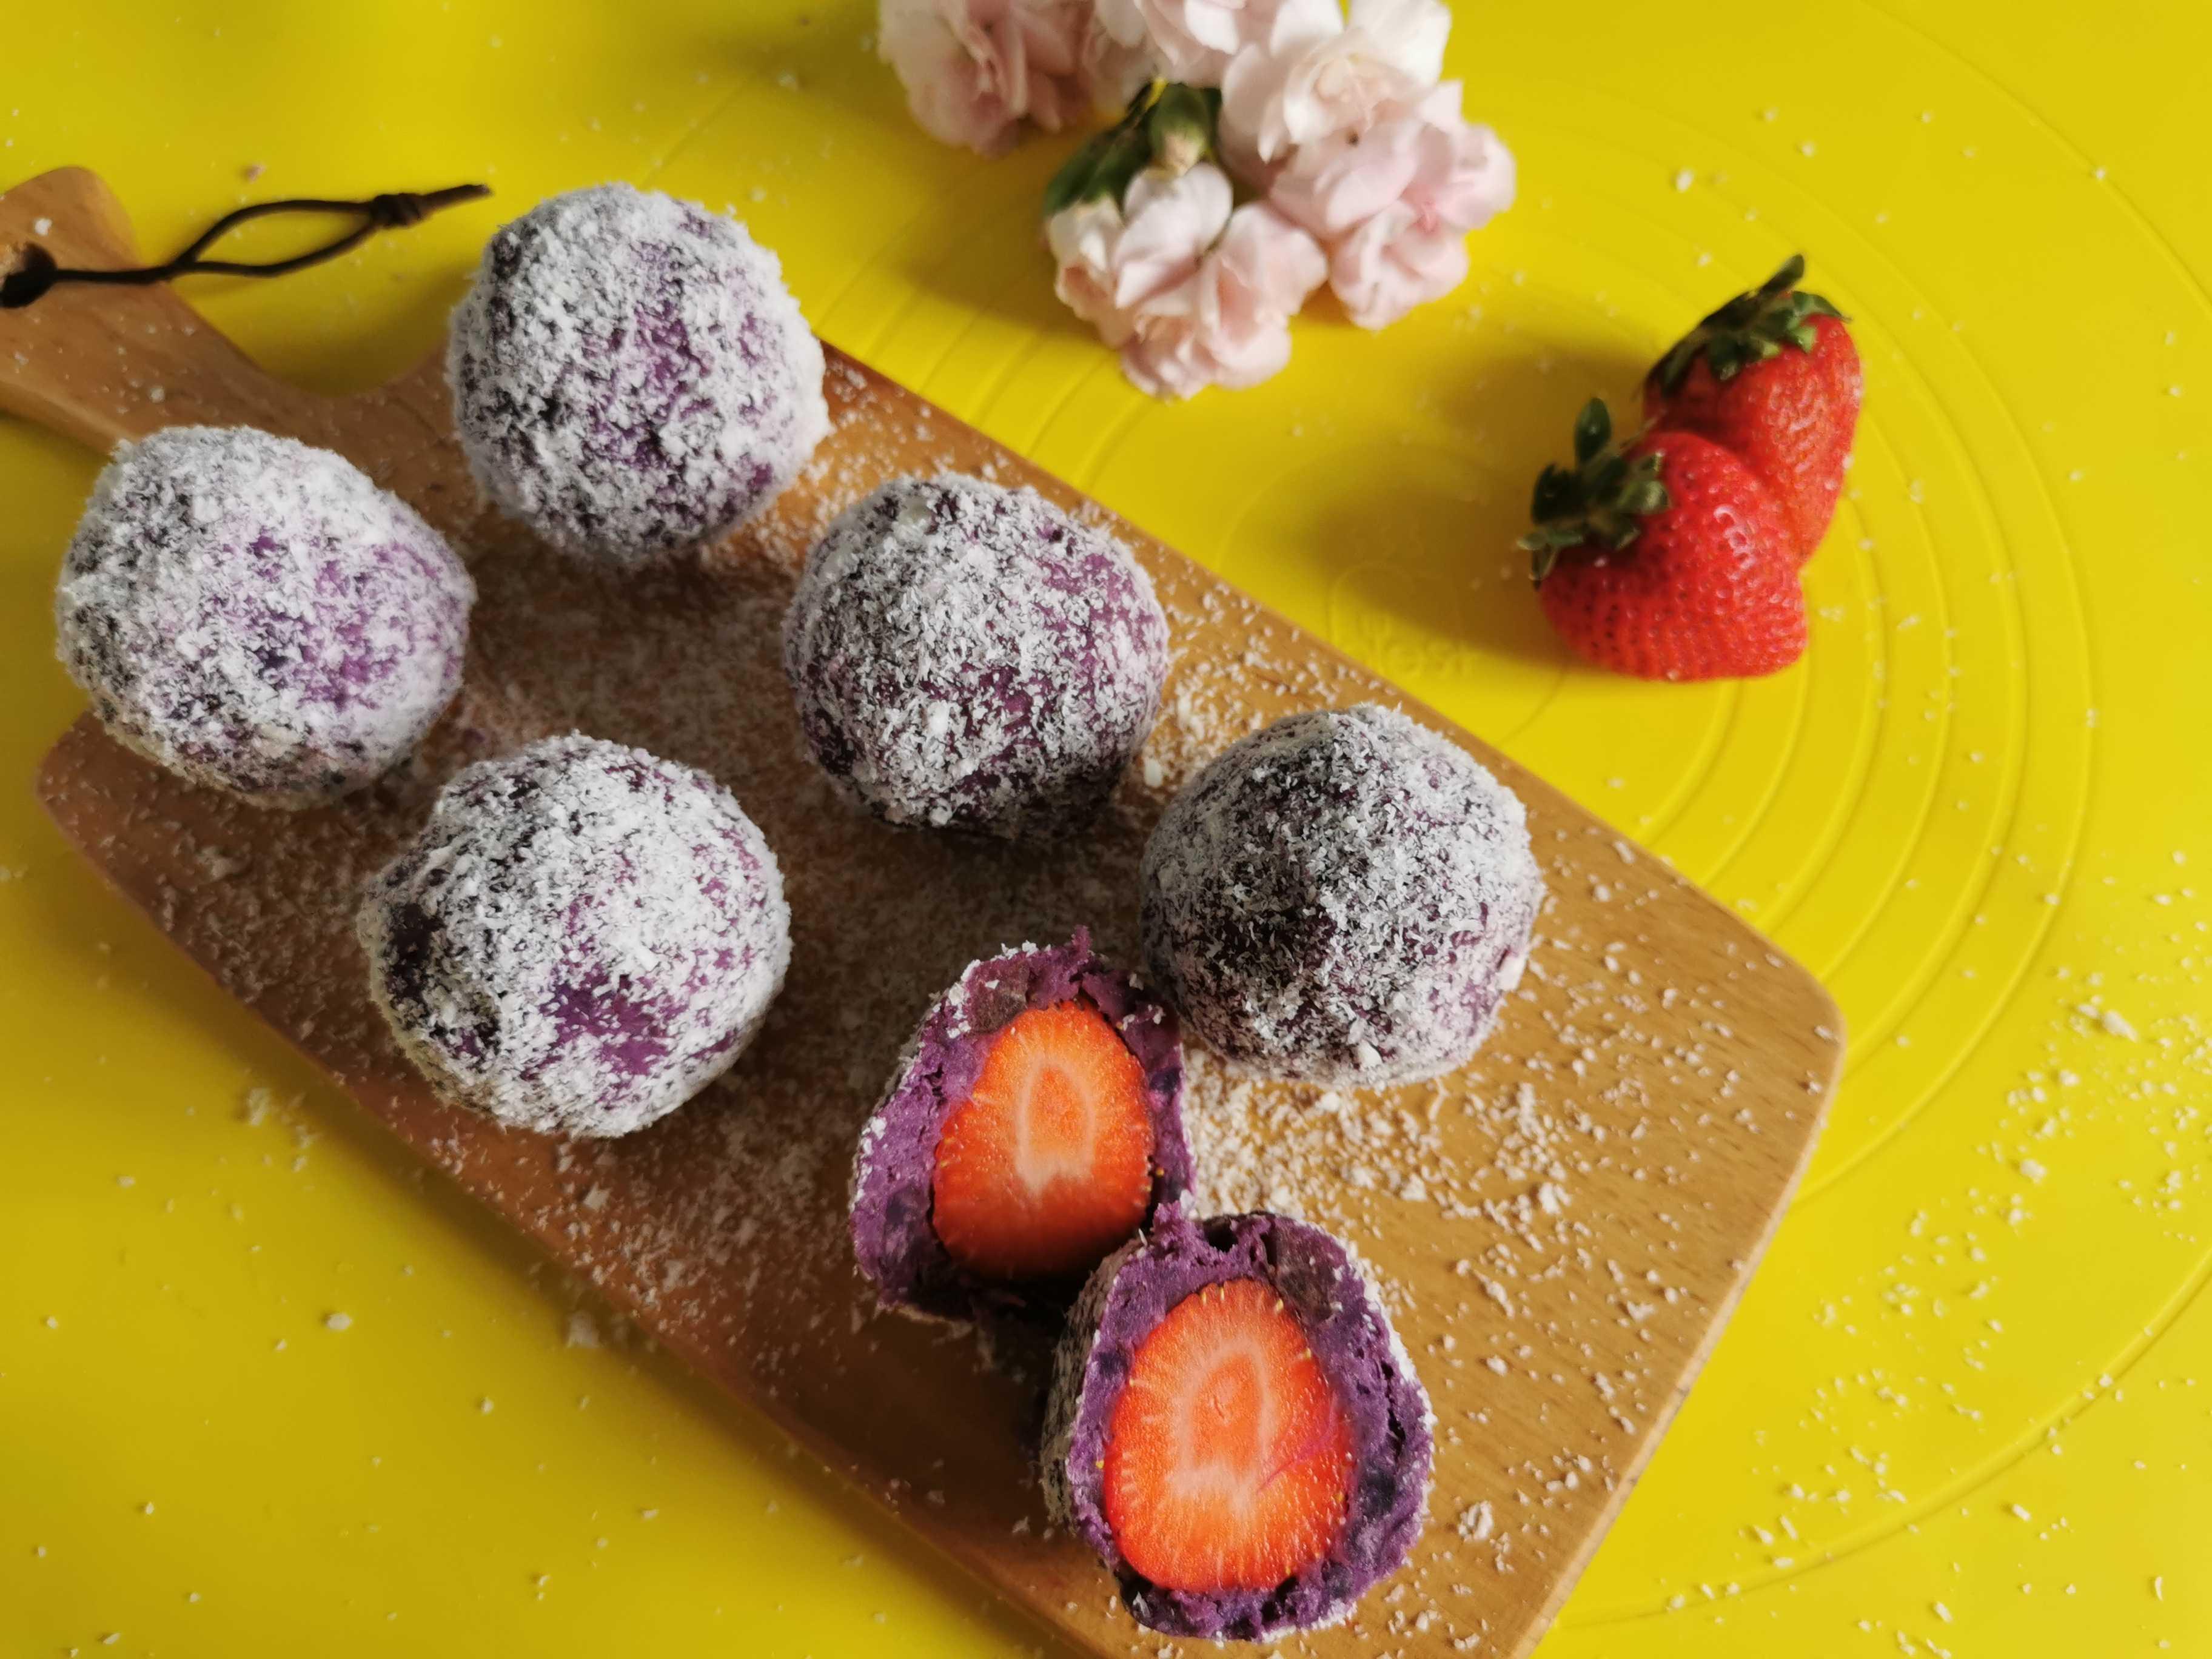 草莓椰蓉紫薯球成品图